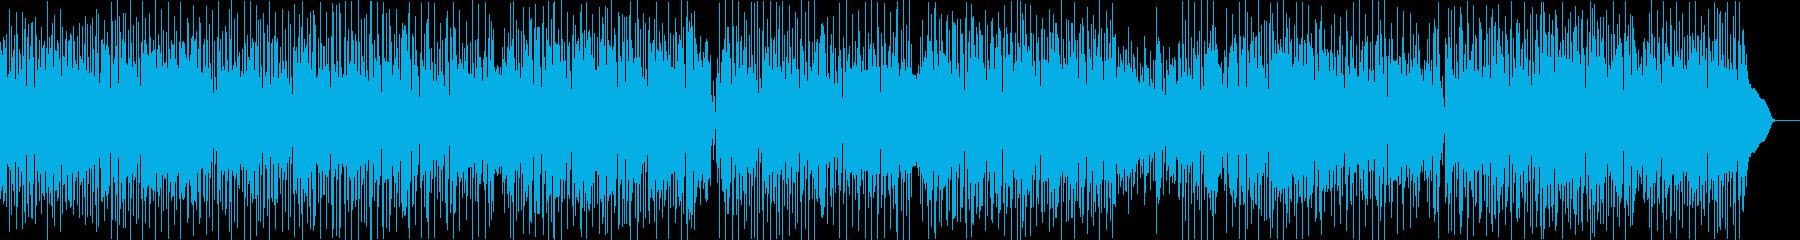 シンセサウンドのポップな曲ですの再生済みの波形